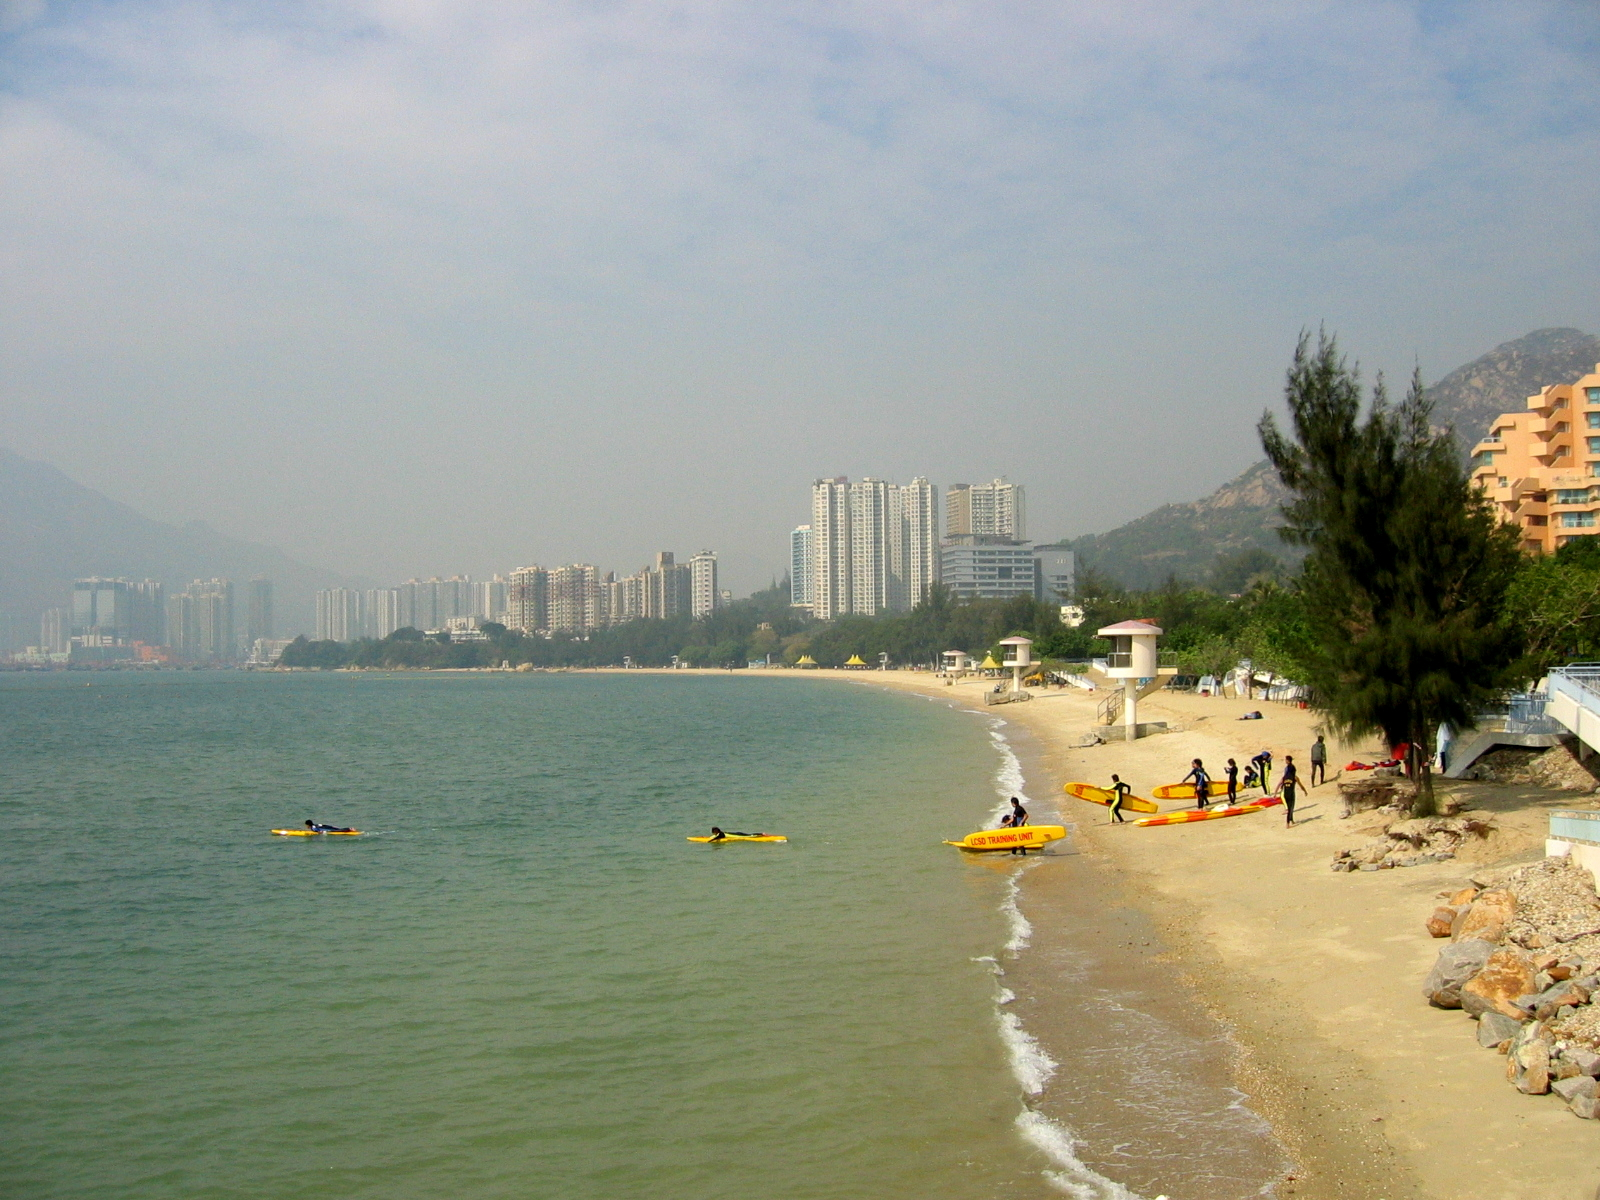 Park Island Hong Kong Restaurants